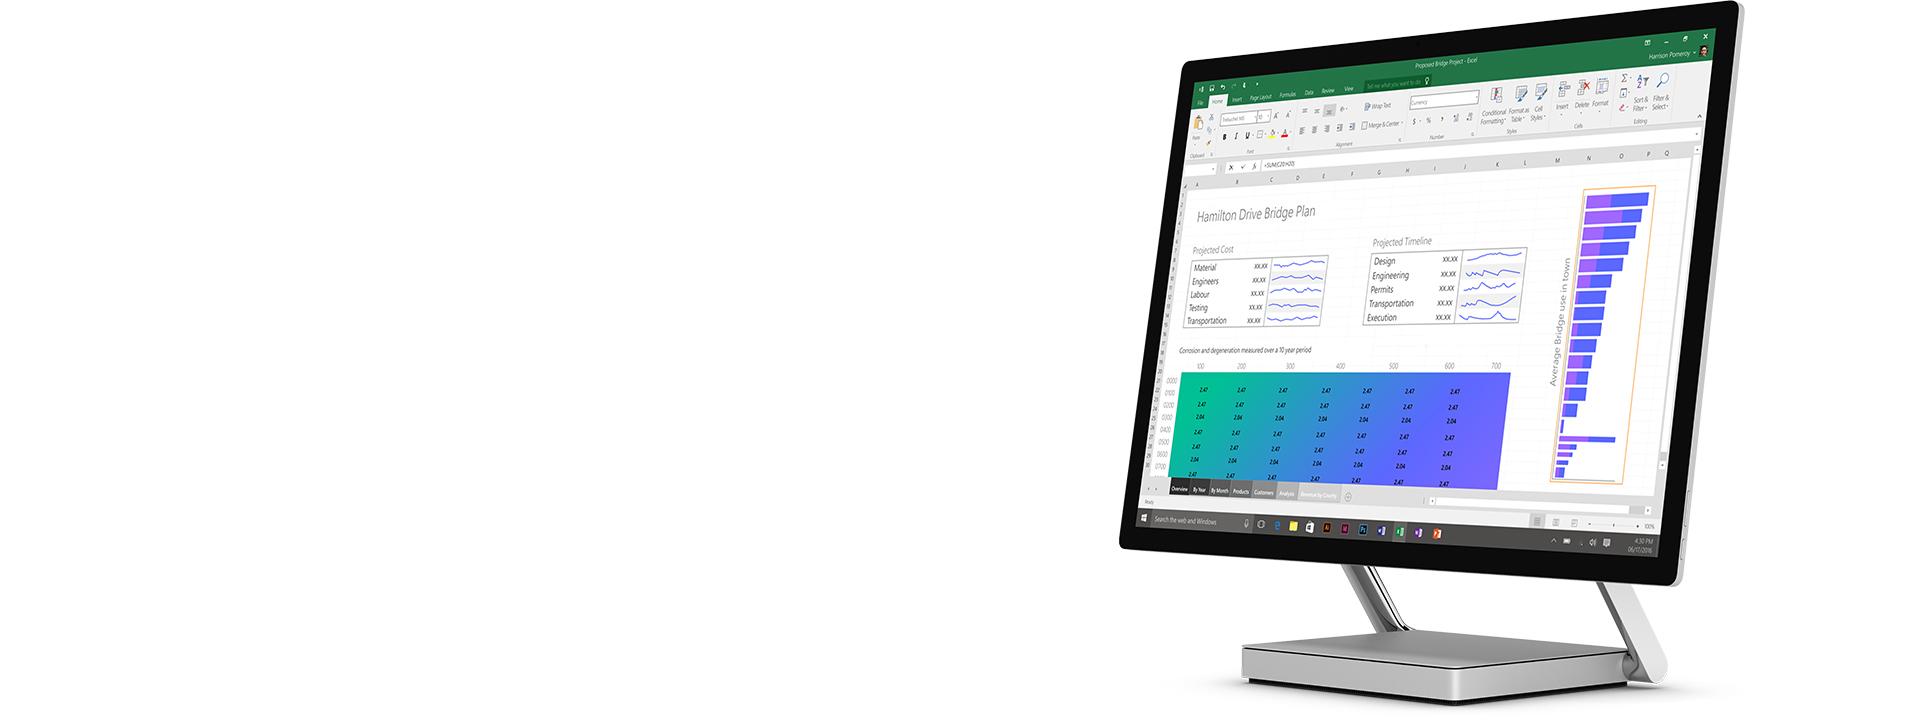 桌面模式的 Surface Studio,屏幕上显示打开的 Excel 电子表格